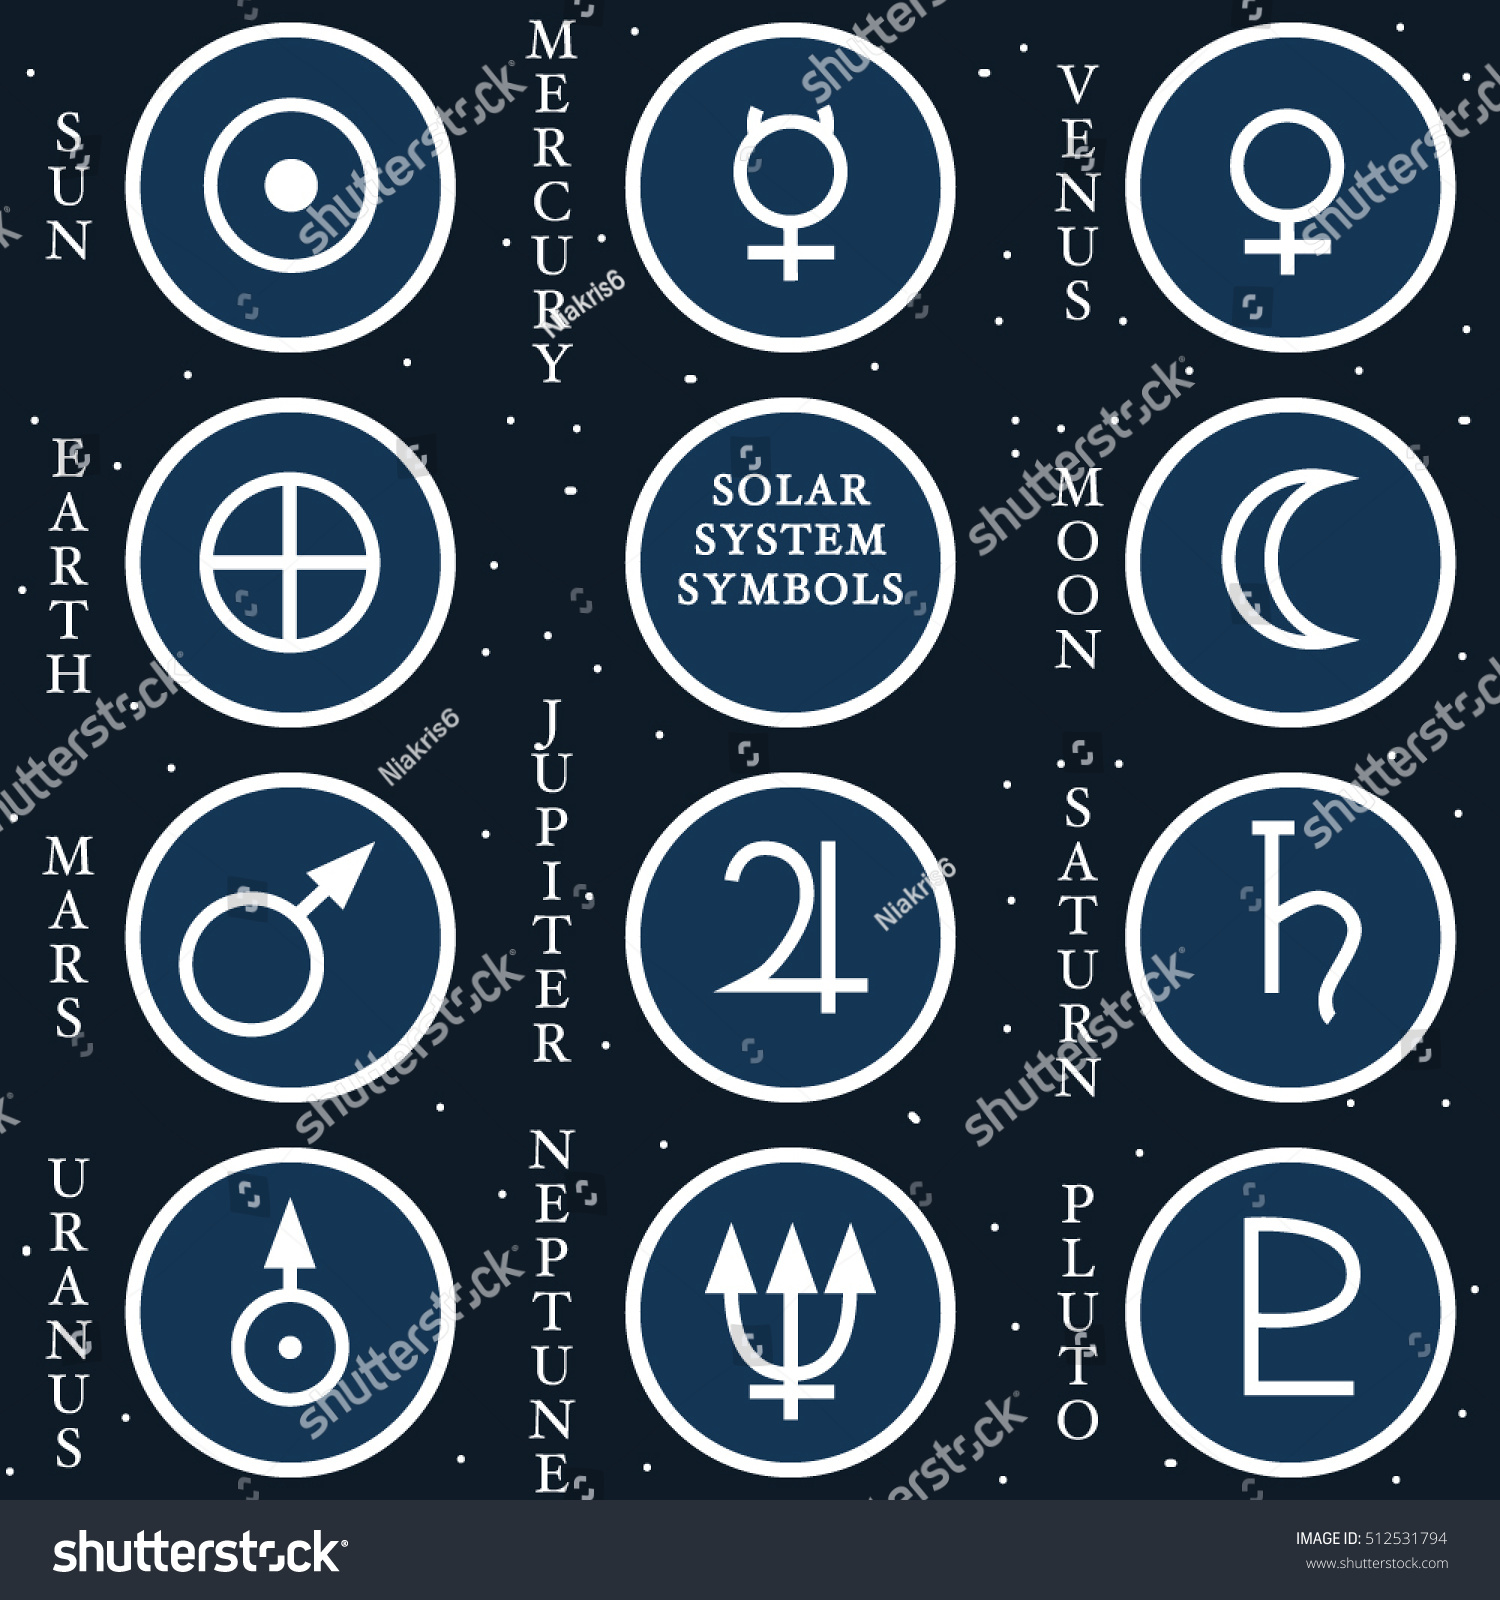 Vector illustration solar system symbols stock vector 512531794 vector illustration of the solar system symbols buycottarizona